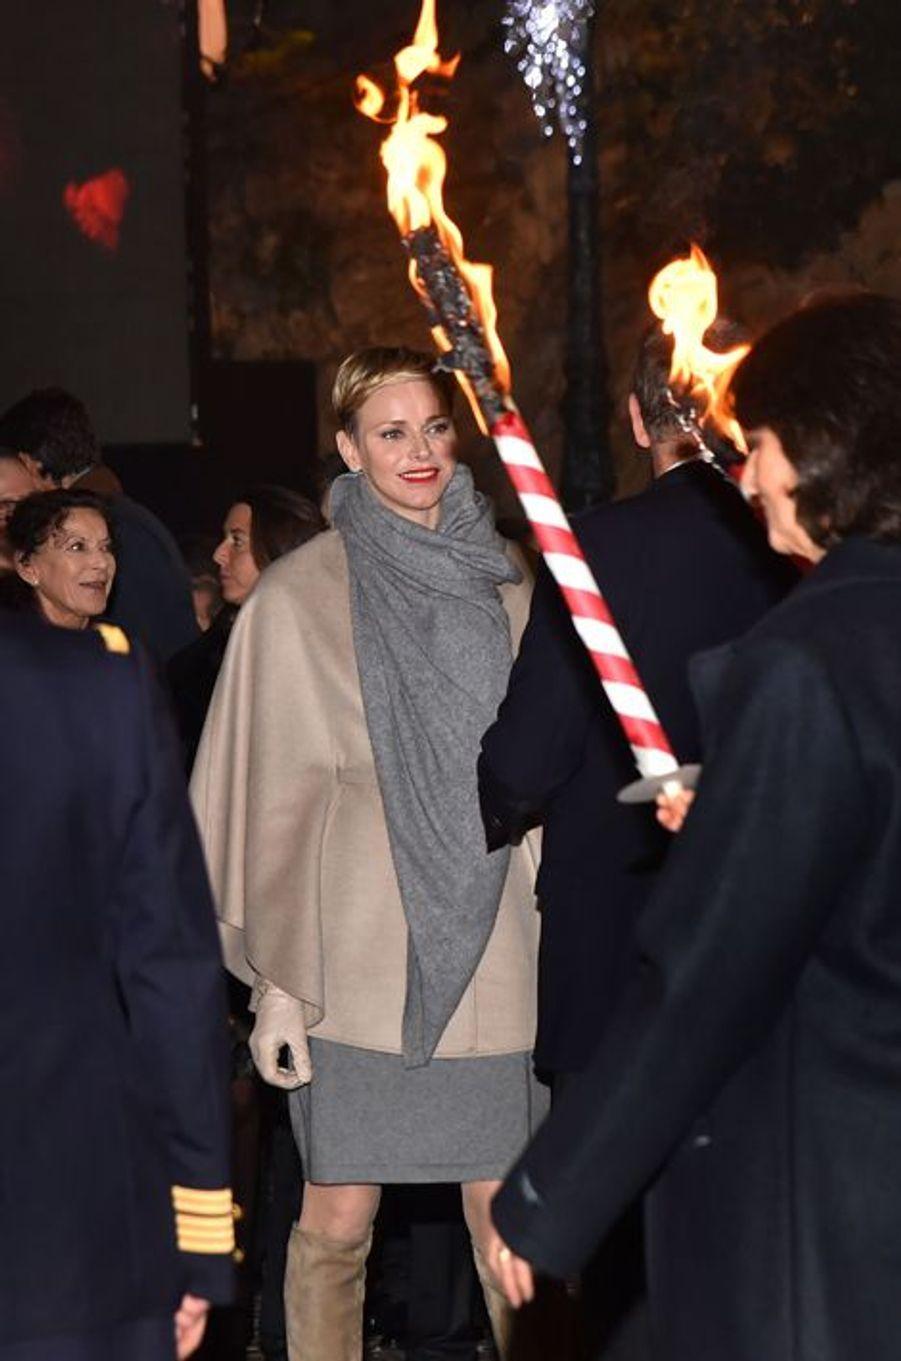 La princesse Charlène de Monaco lors de la Sainte-Dévote à Monaco, le 26 janvier 2016